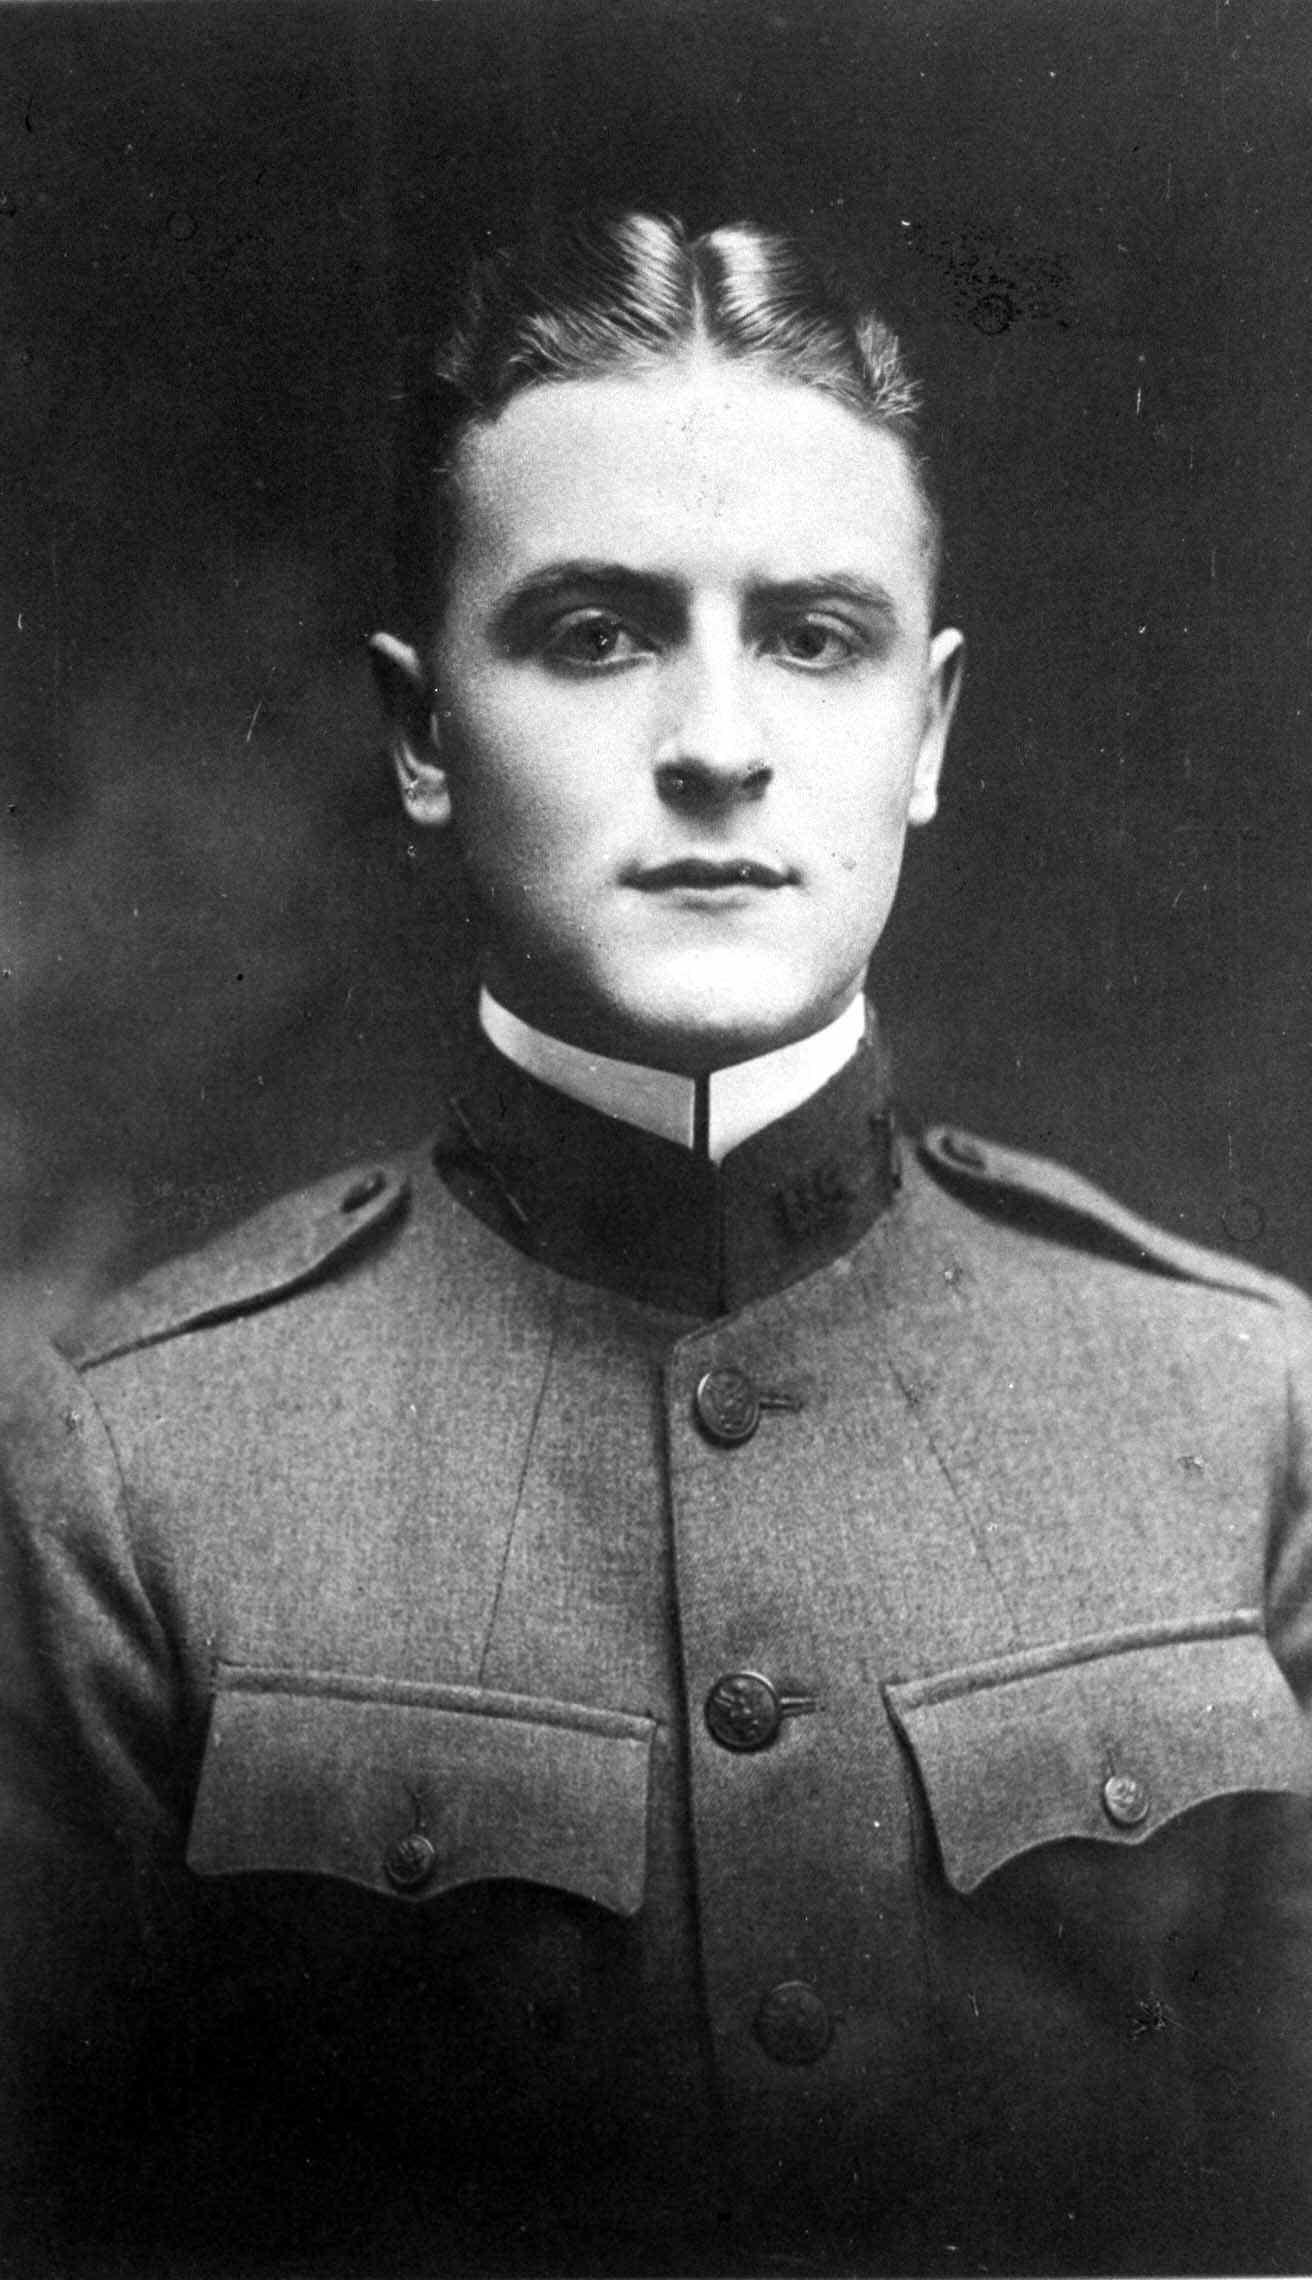 F. Scott Fitzgerald in military uniform